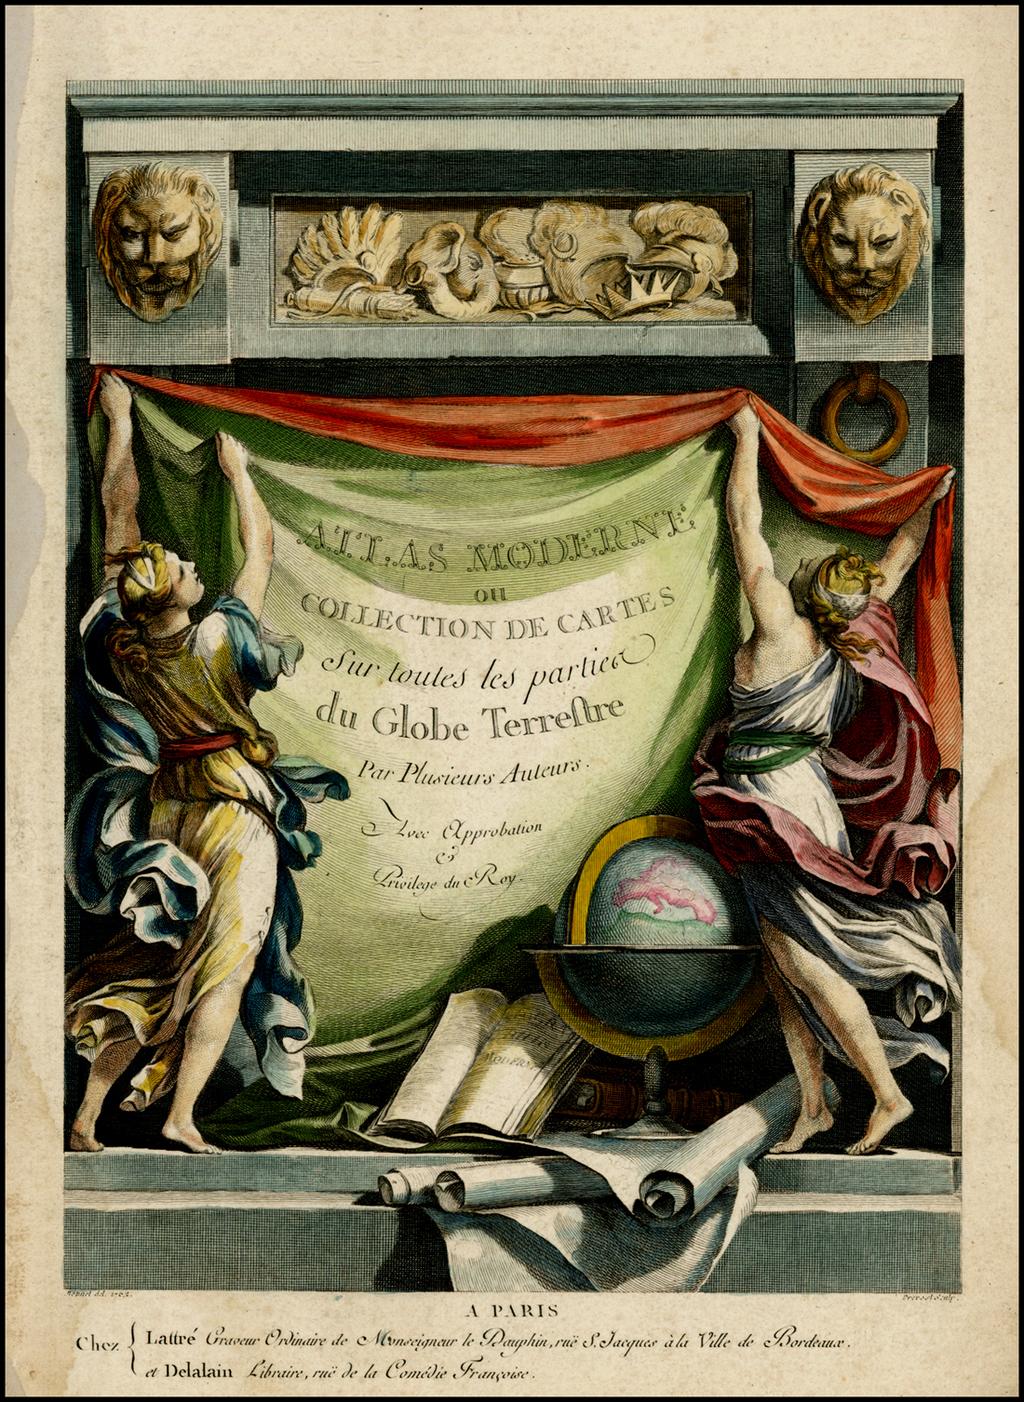 [Title Page] Atlas Moderne ou Collection de Cartes sur toutes les partier du Globe Terrestre . . .  By Jean Lattre